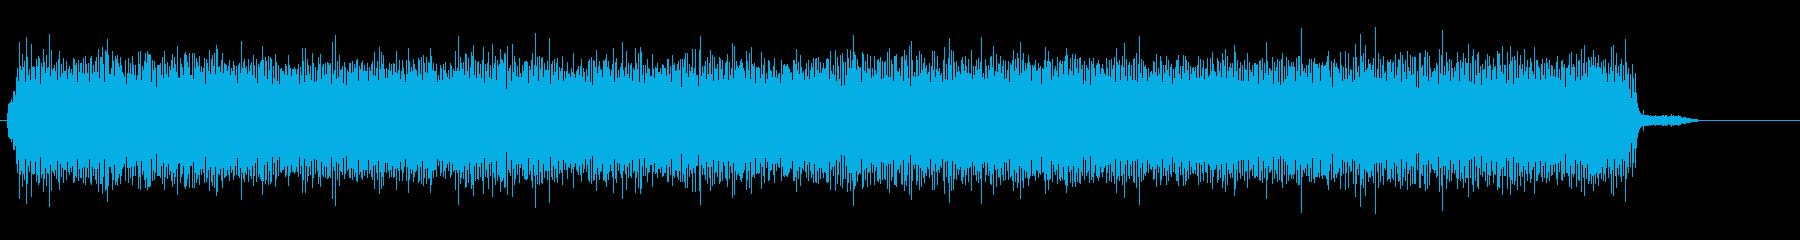 カーペットホッチキスコンプレッサー...の再生済みの波形